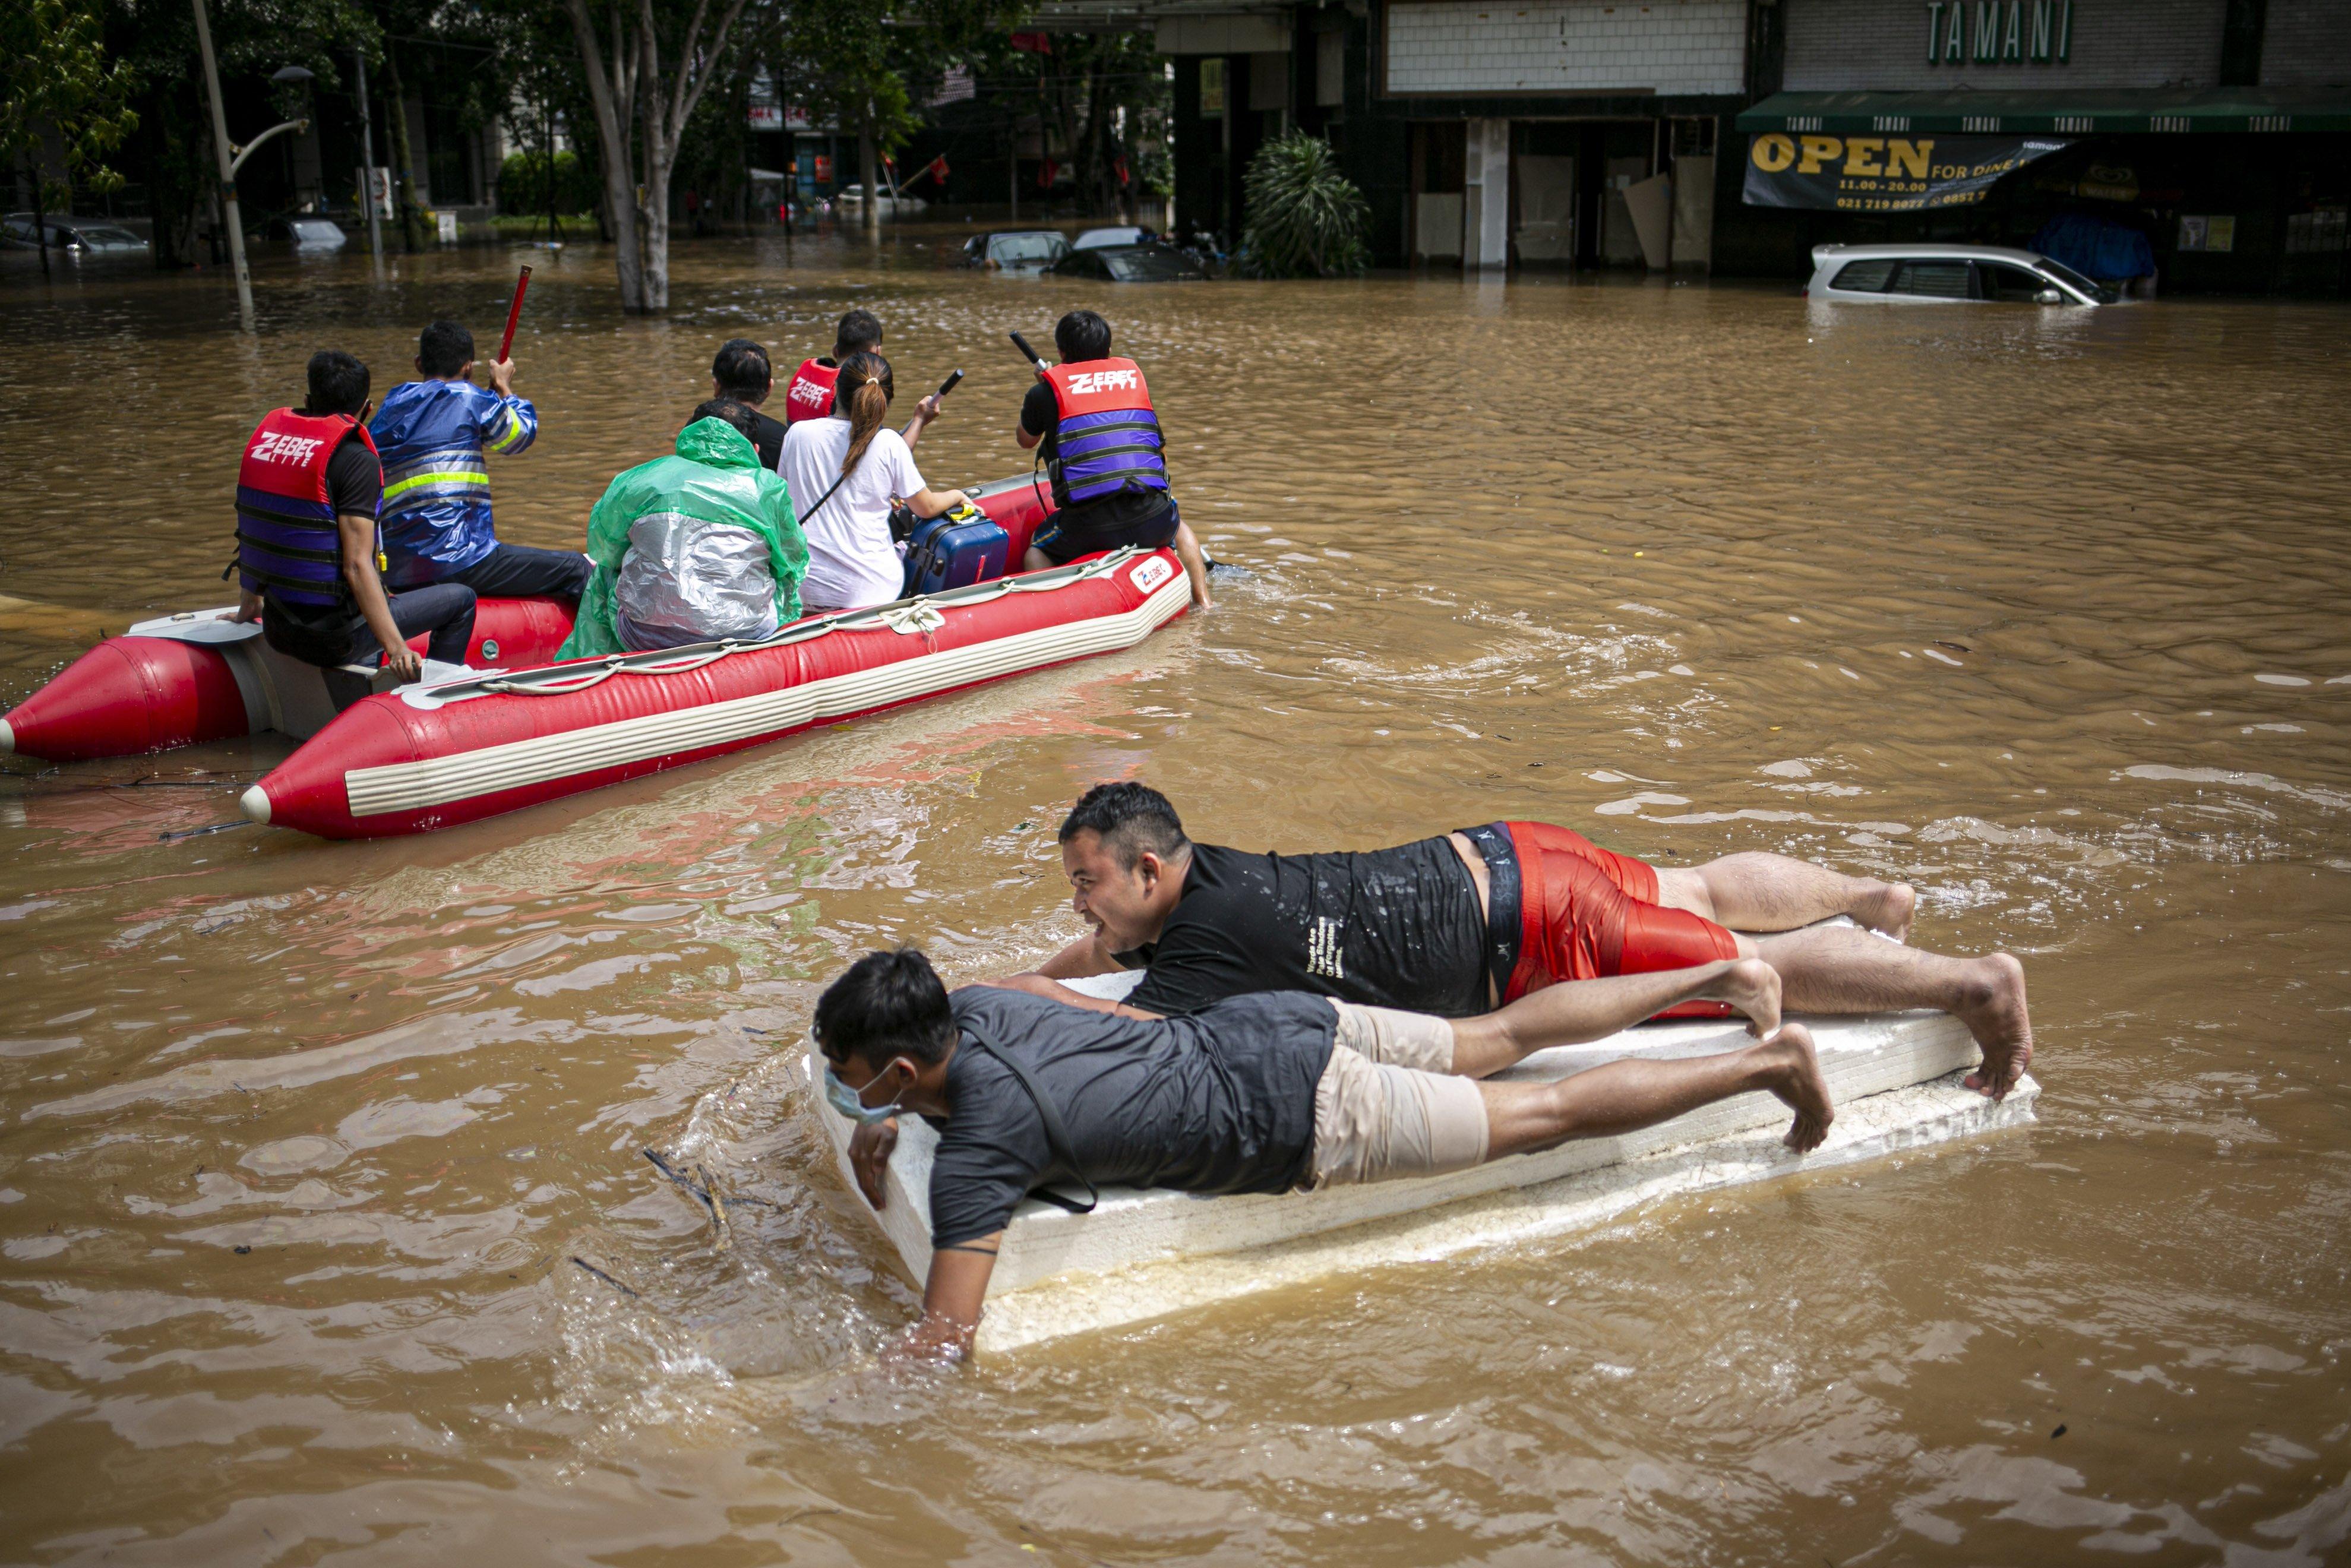 Warga melewati banjir menggunakan perahu buatan di kawasan Kemang, Jakarta Selatan, Sabtu (20/2/2021). Banjir yang terjadi akibat curah hujan tinggi serta drainase yang buruk membuat kawasan Kemang banjir setinggi 1,5 meter.